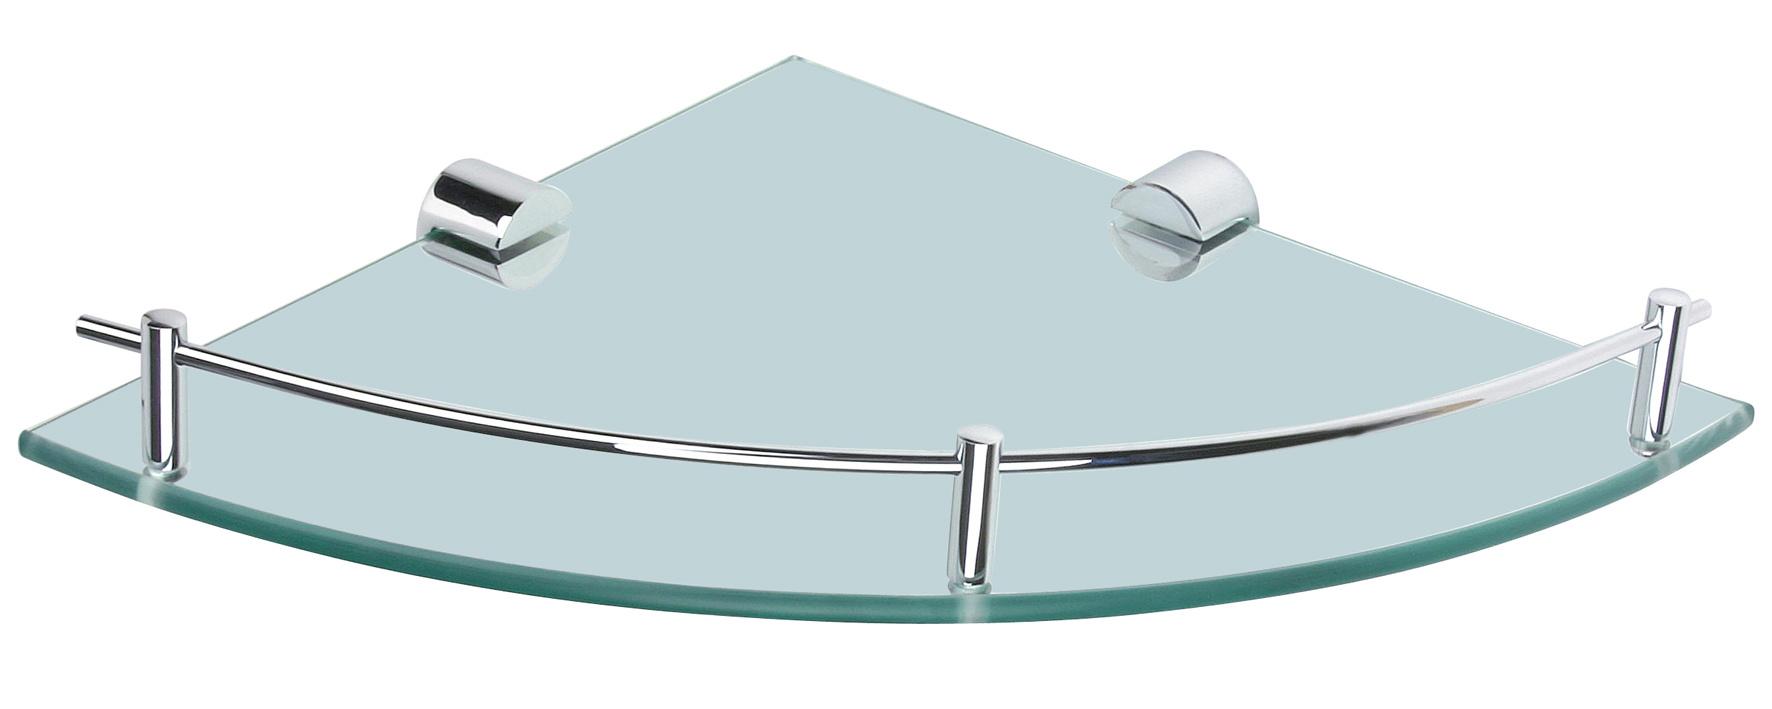 De enige plank van de hoek van het glas kd 5611 de enige plank van de hoek van het glas kd - Sofa van de hoek uitstekende ...